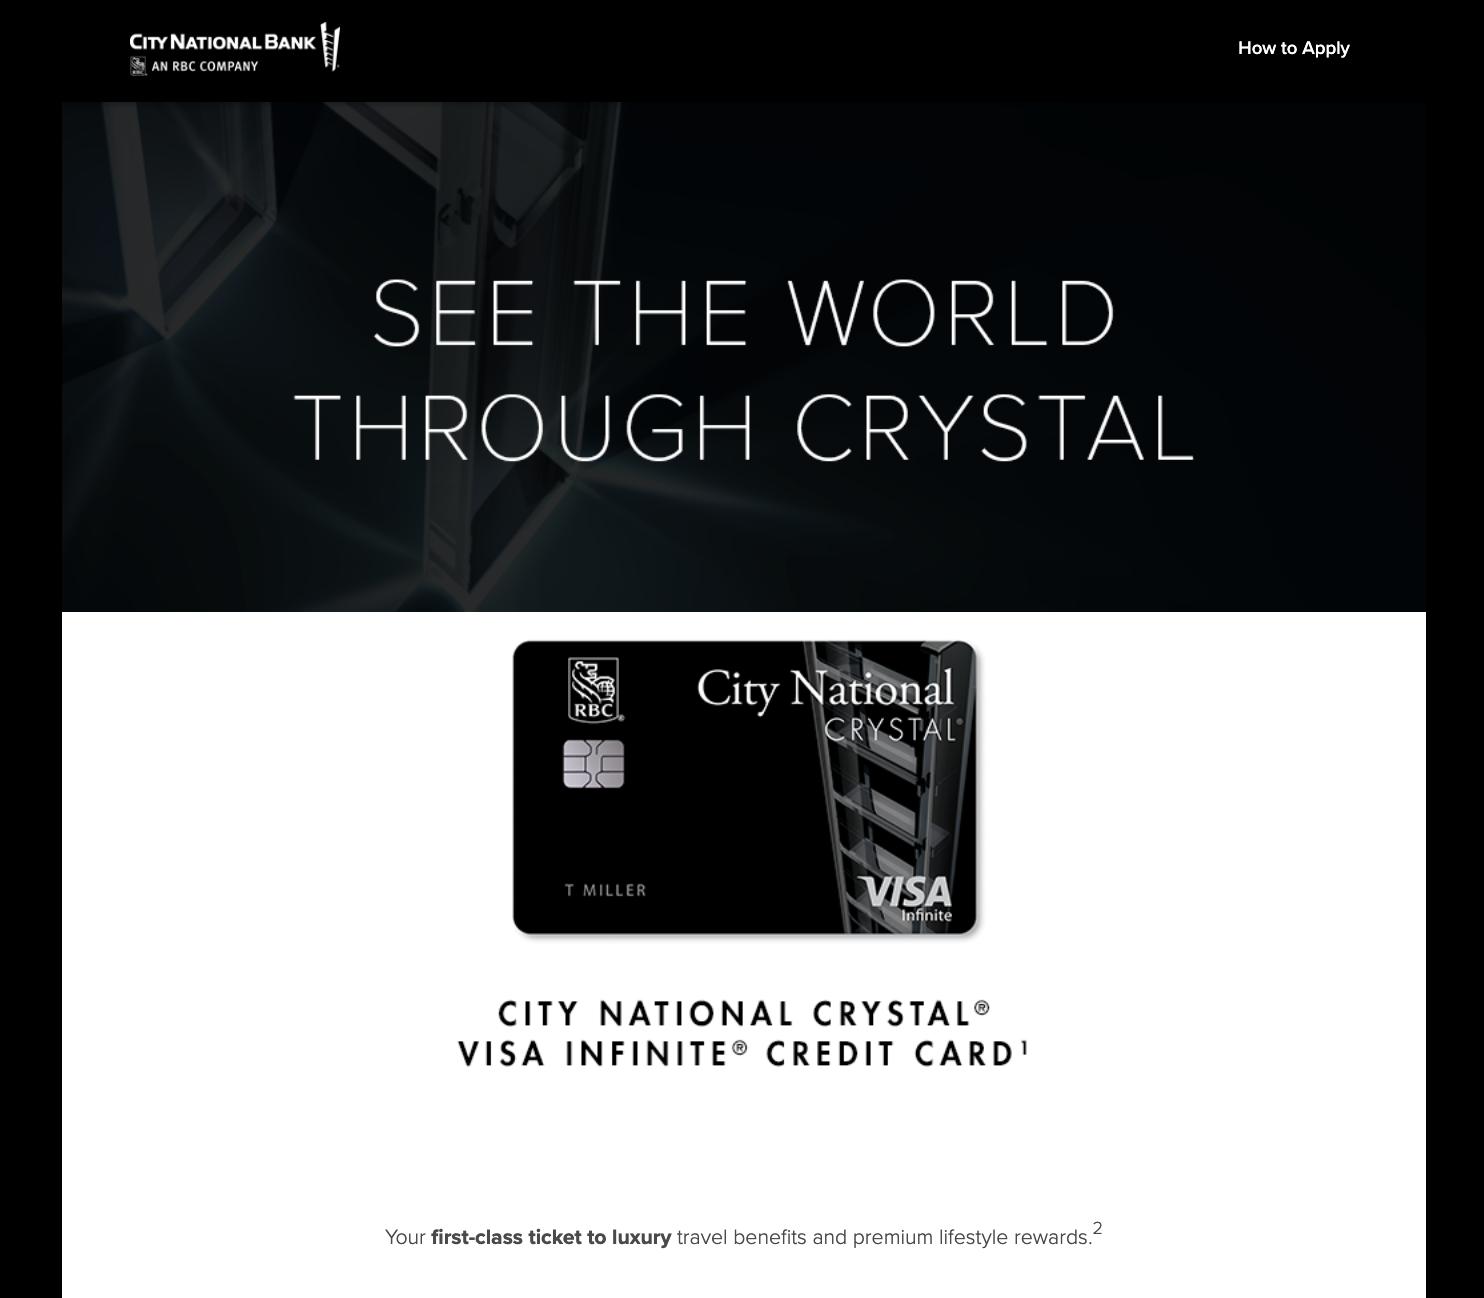 Crystal Visa Infinite: Credit Card Launch